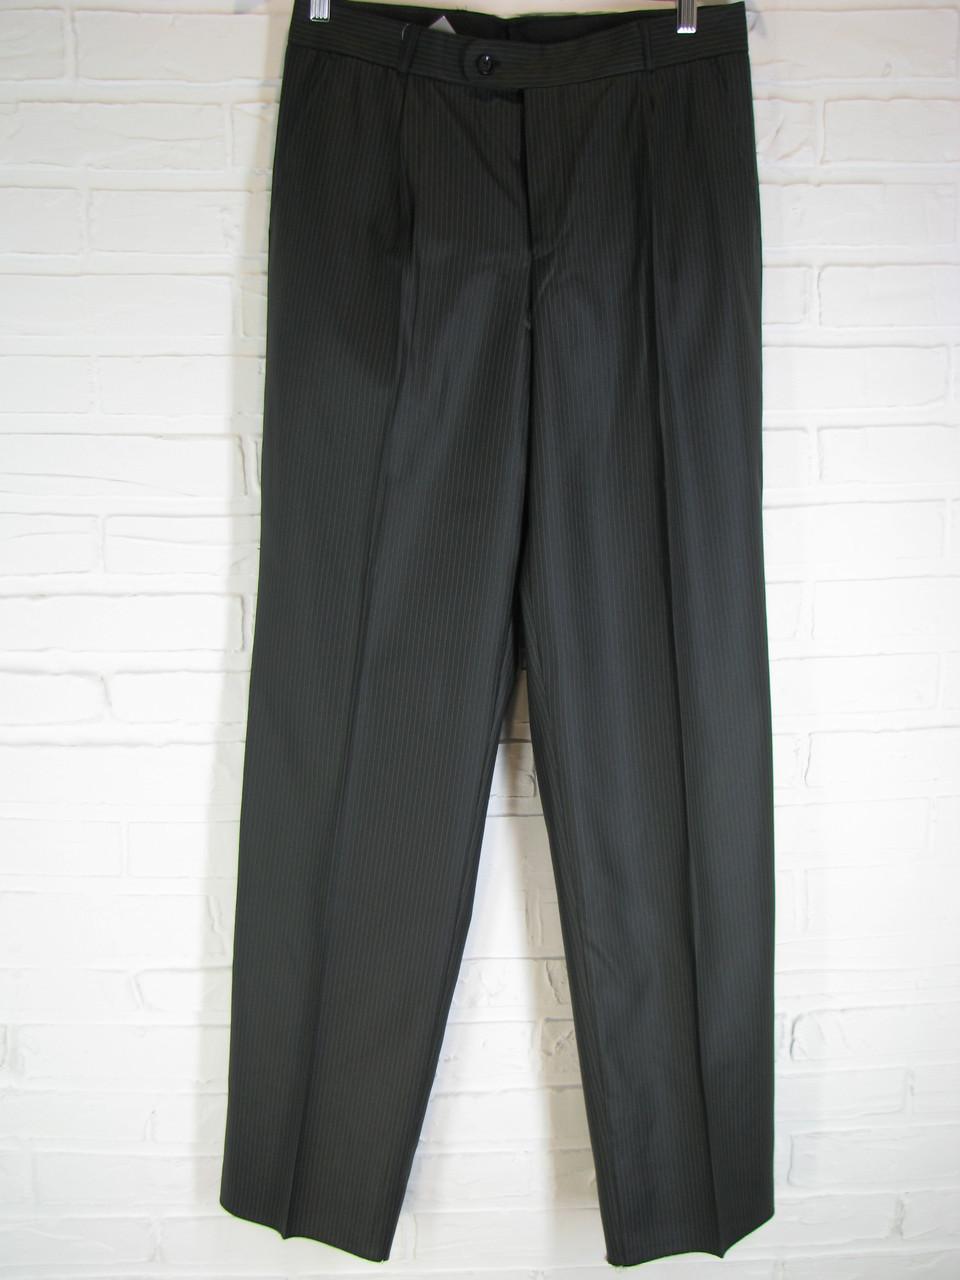 Мужские брюки классические черные 74-44, 76-44,78-44